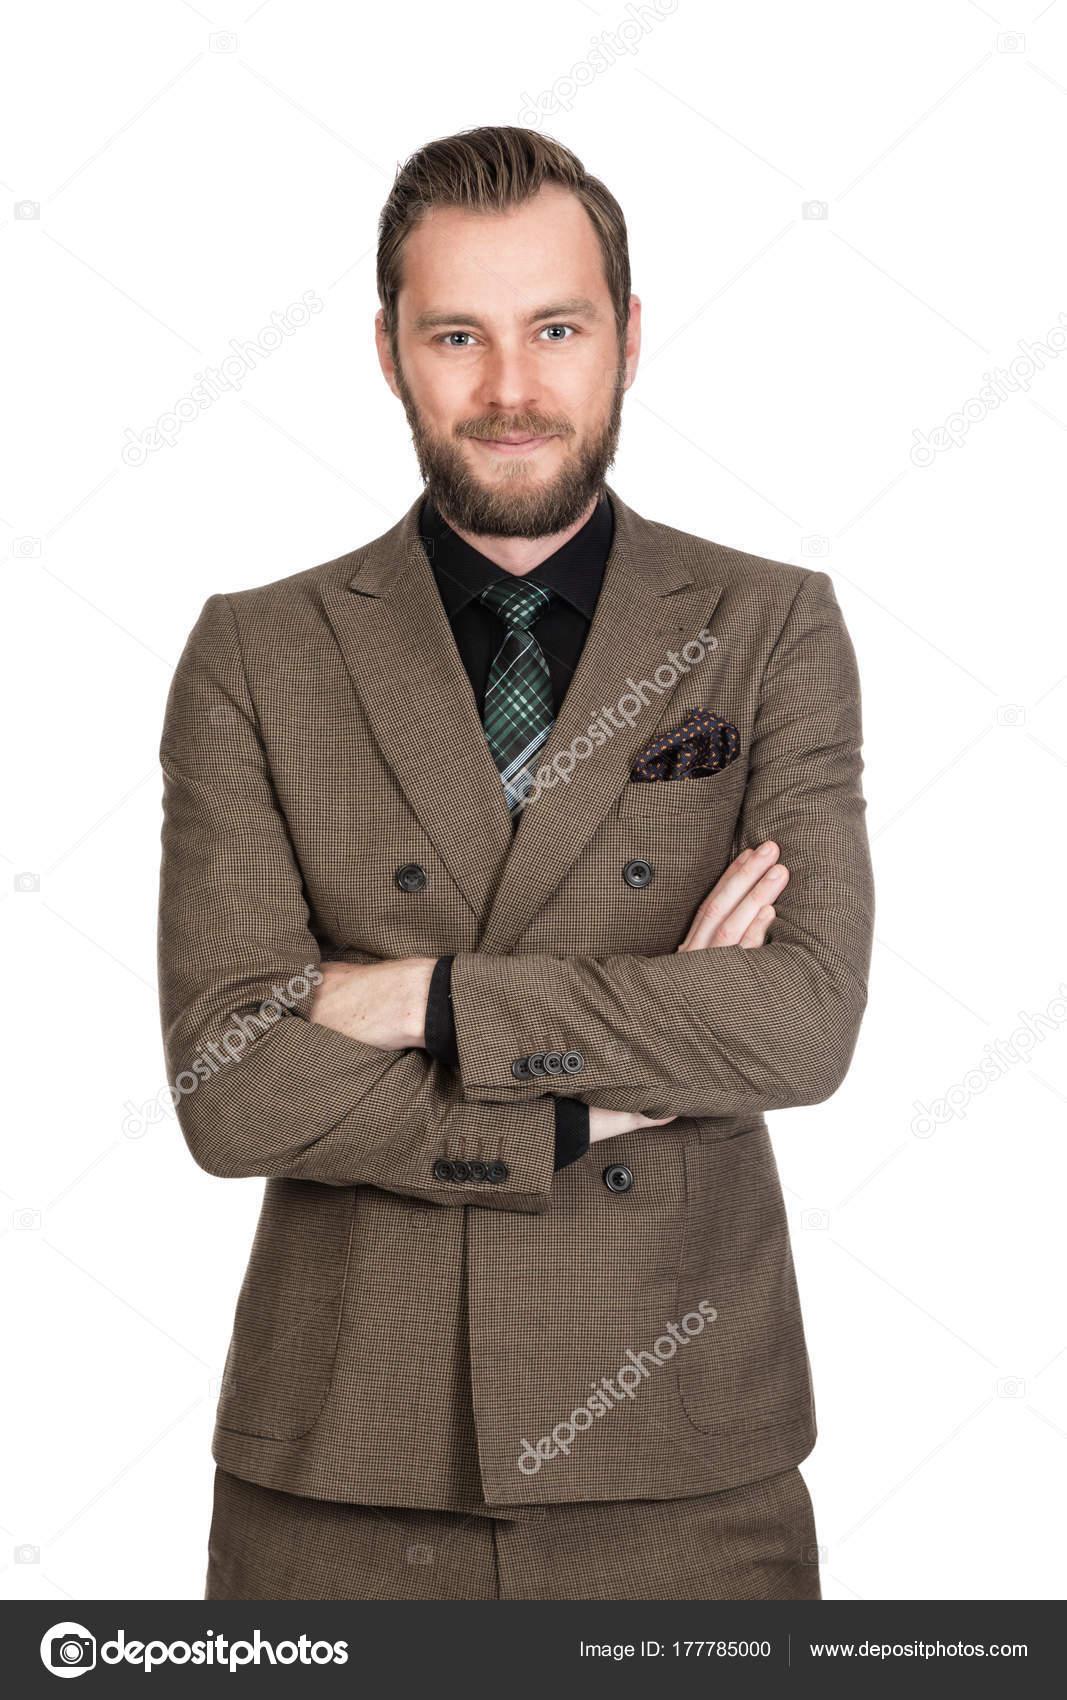 Gut Aussehend Geschaftsmann Einem Braunen Anzug Mit Einem Schwarzen